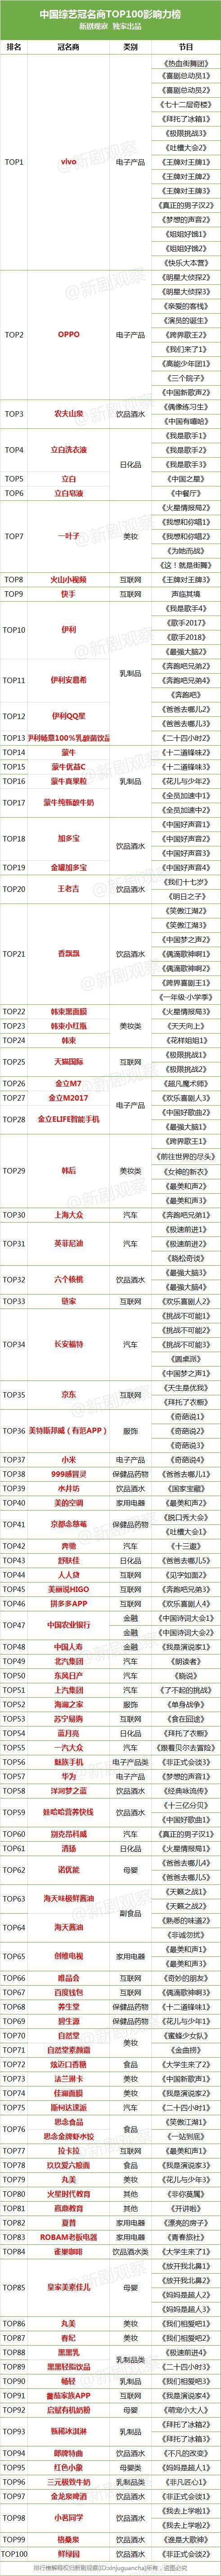 中国综艺冠名商TOP100影响力榜单出炉!vivo、oppo、农夫山泉、立白洗衣液最豪!